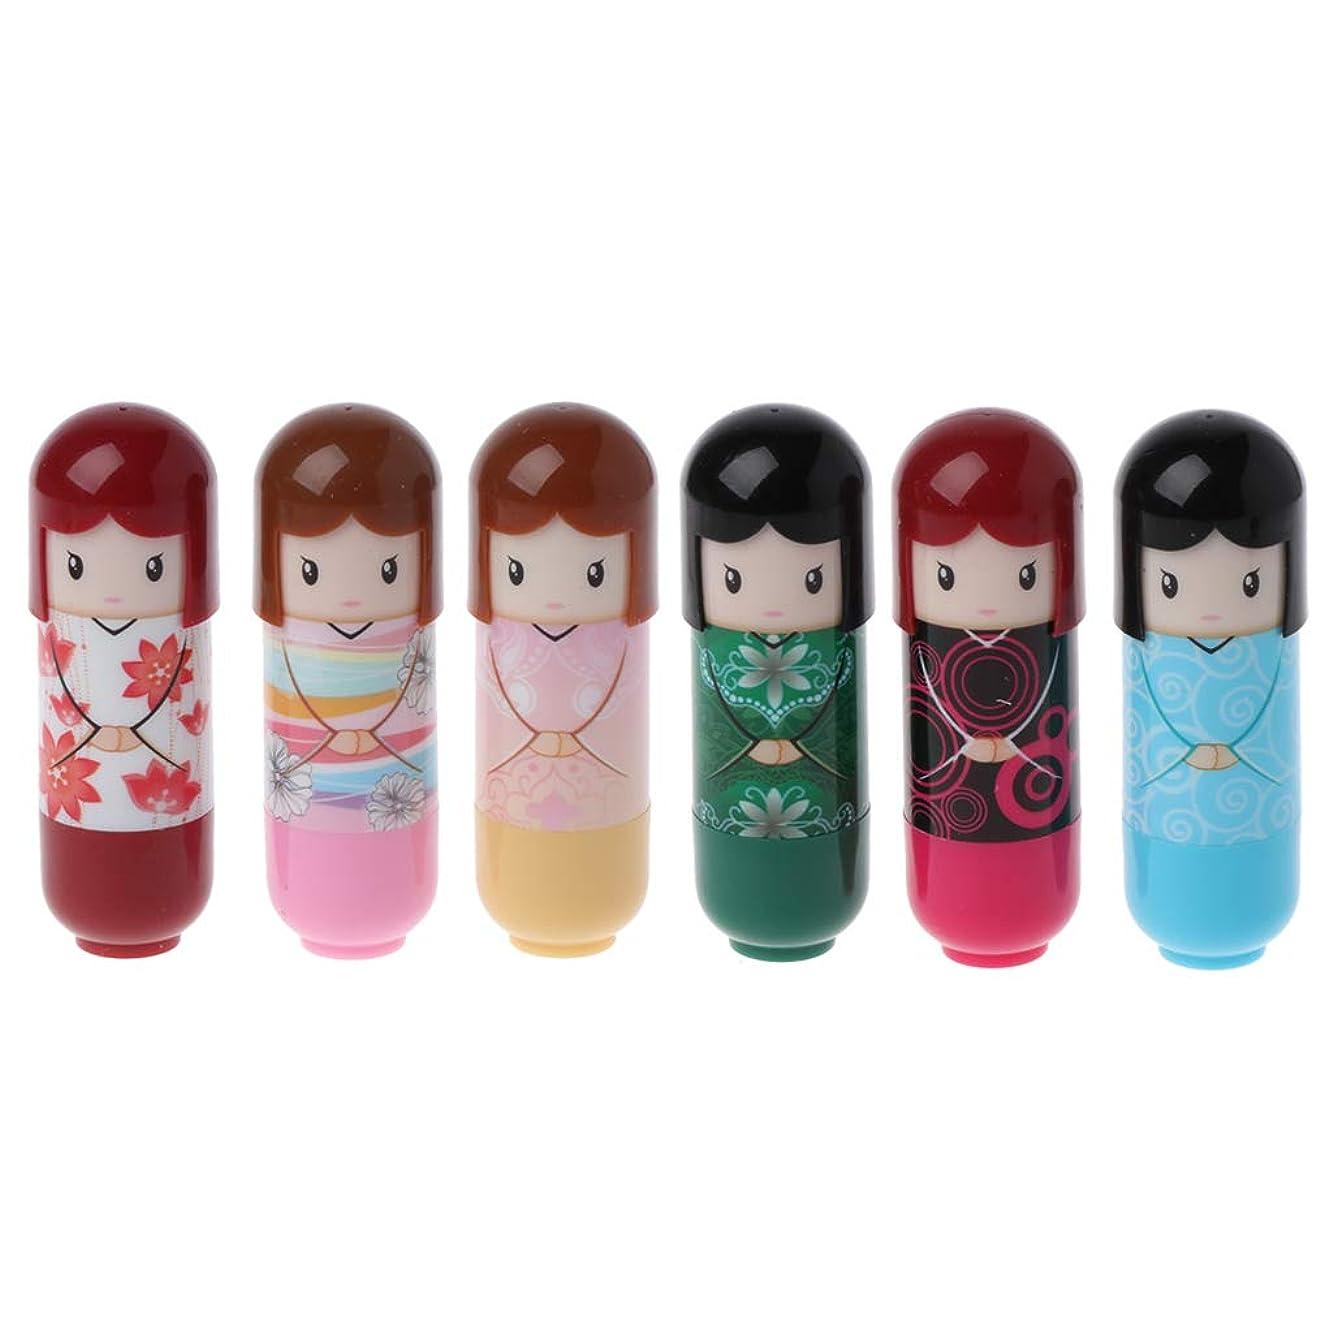 誠意盗難メイエラKimyuo 6本 着物人形 化粧 リップグロスバーム しっとり ? リップペン 化粧品 口紅